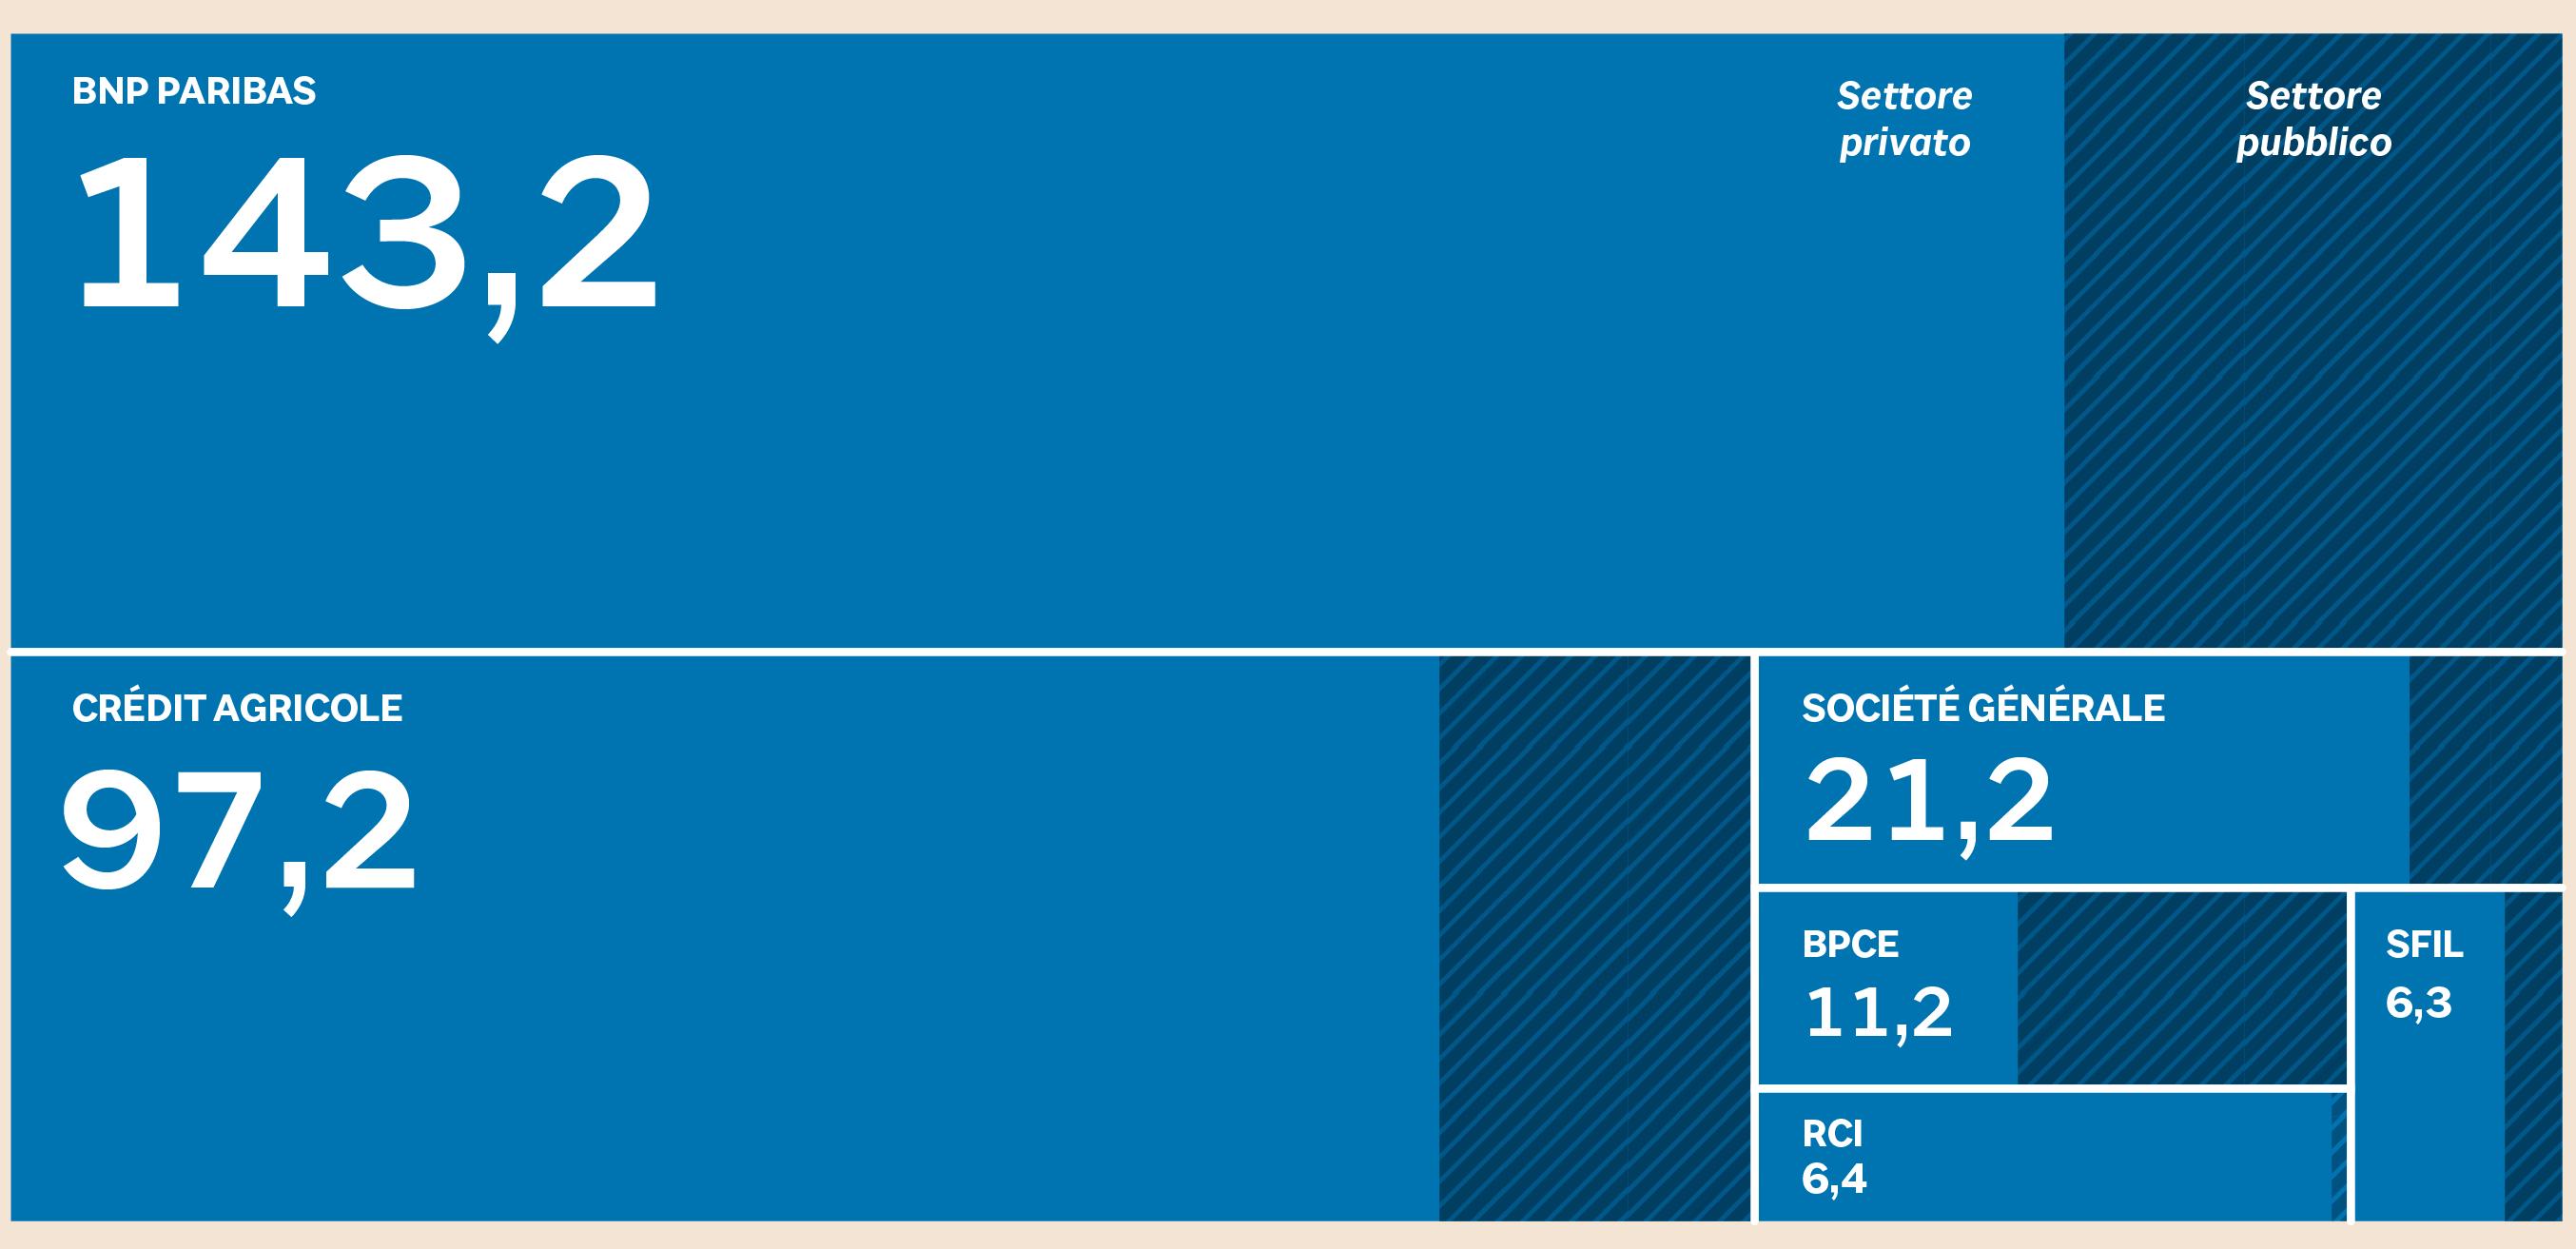 2f9350364a Esposizione delle principali banche francesi in Italia a giugno 2018. Dati  in miliardi di euro (Fonte: Bloomberg su dati Eba)